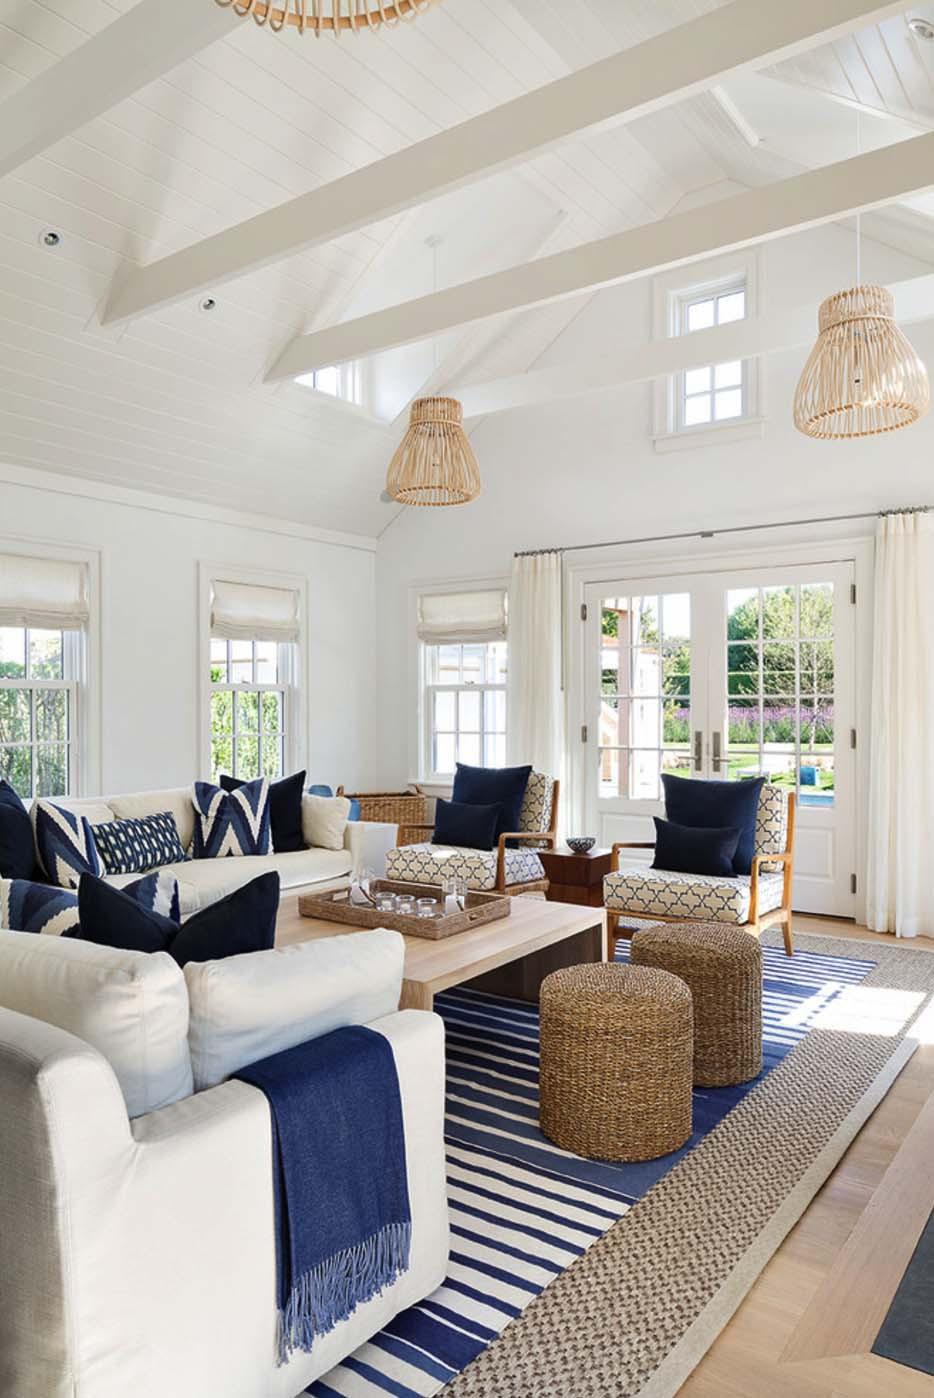 Colores azules, arenas y blancos para refrescar_ Fityourhouse